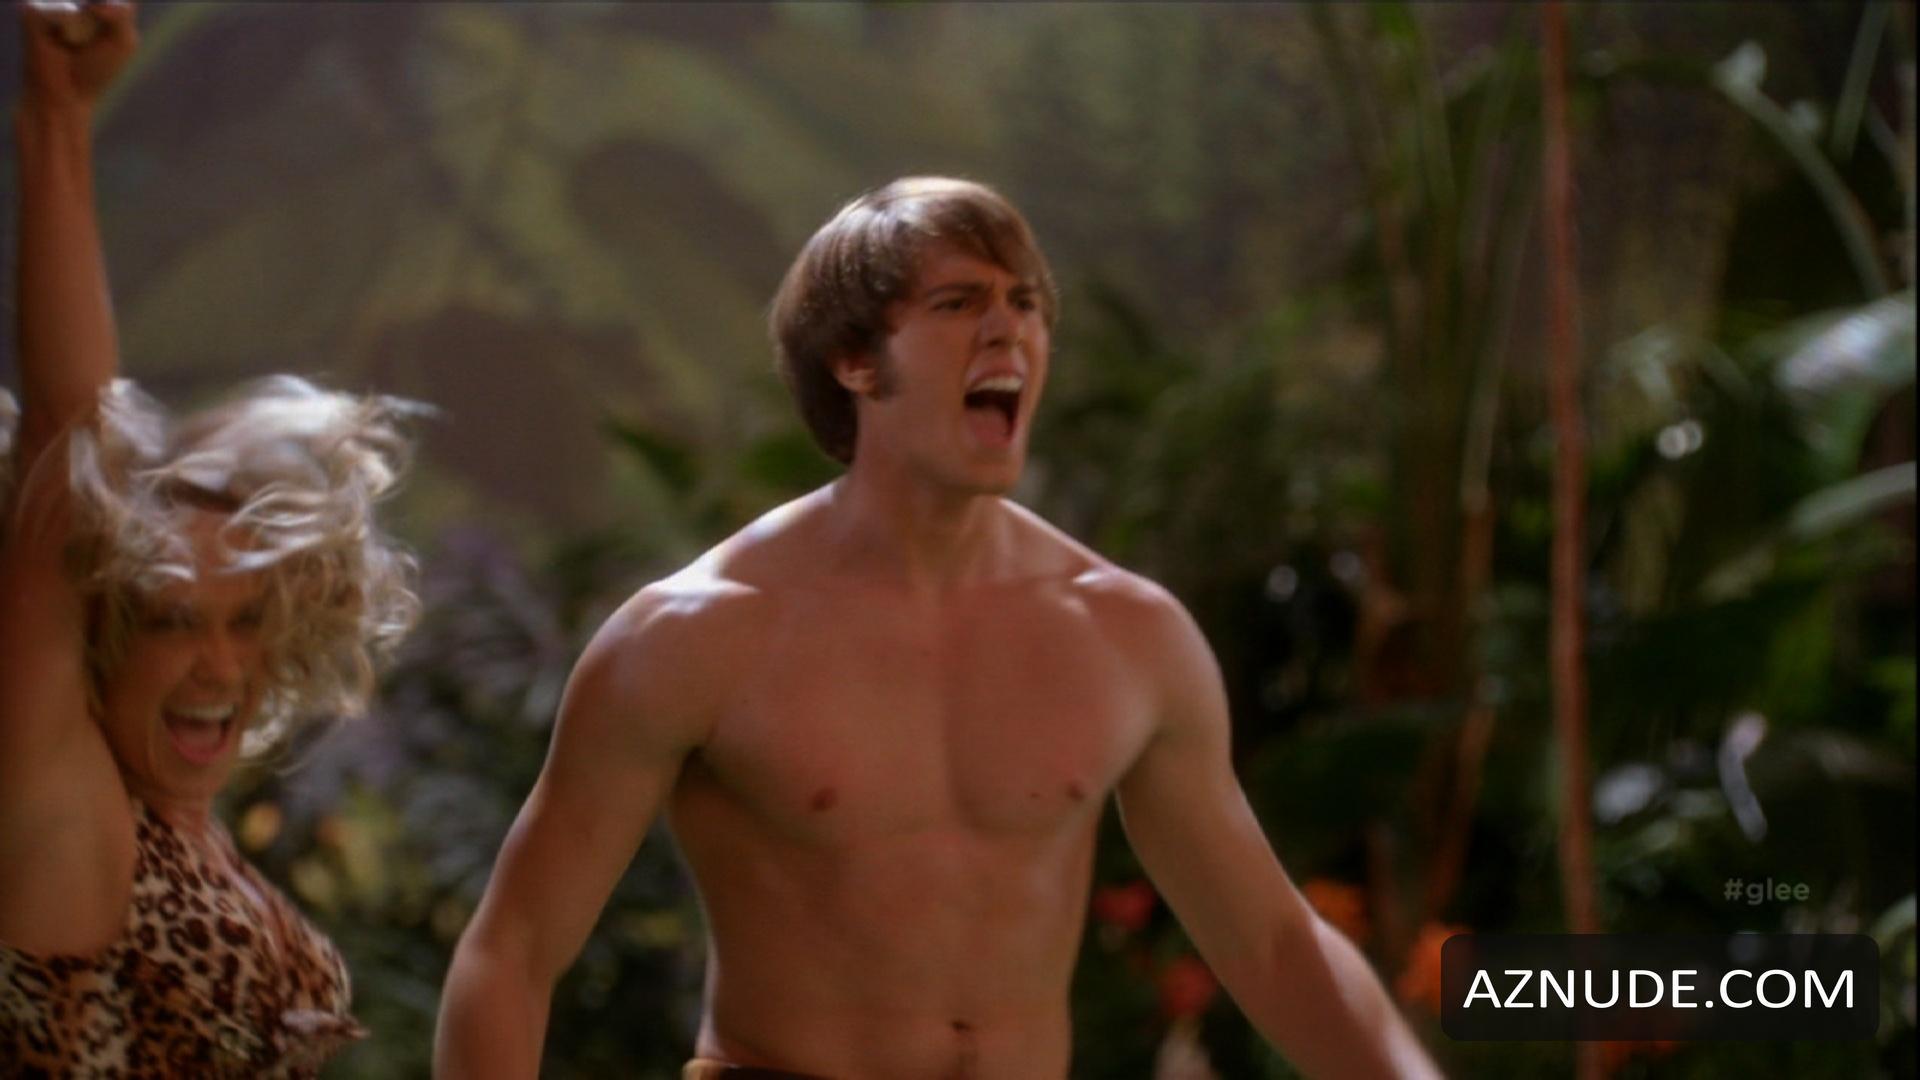 Chris Jenner Nude Photos